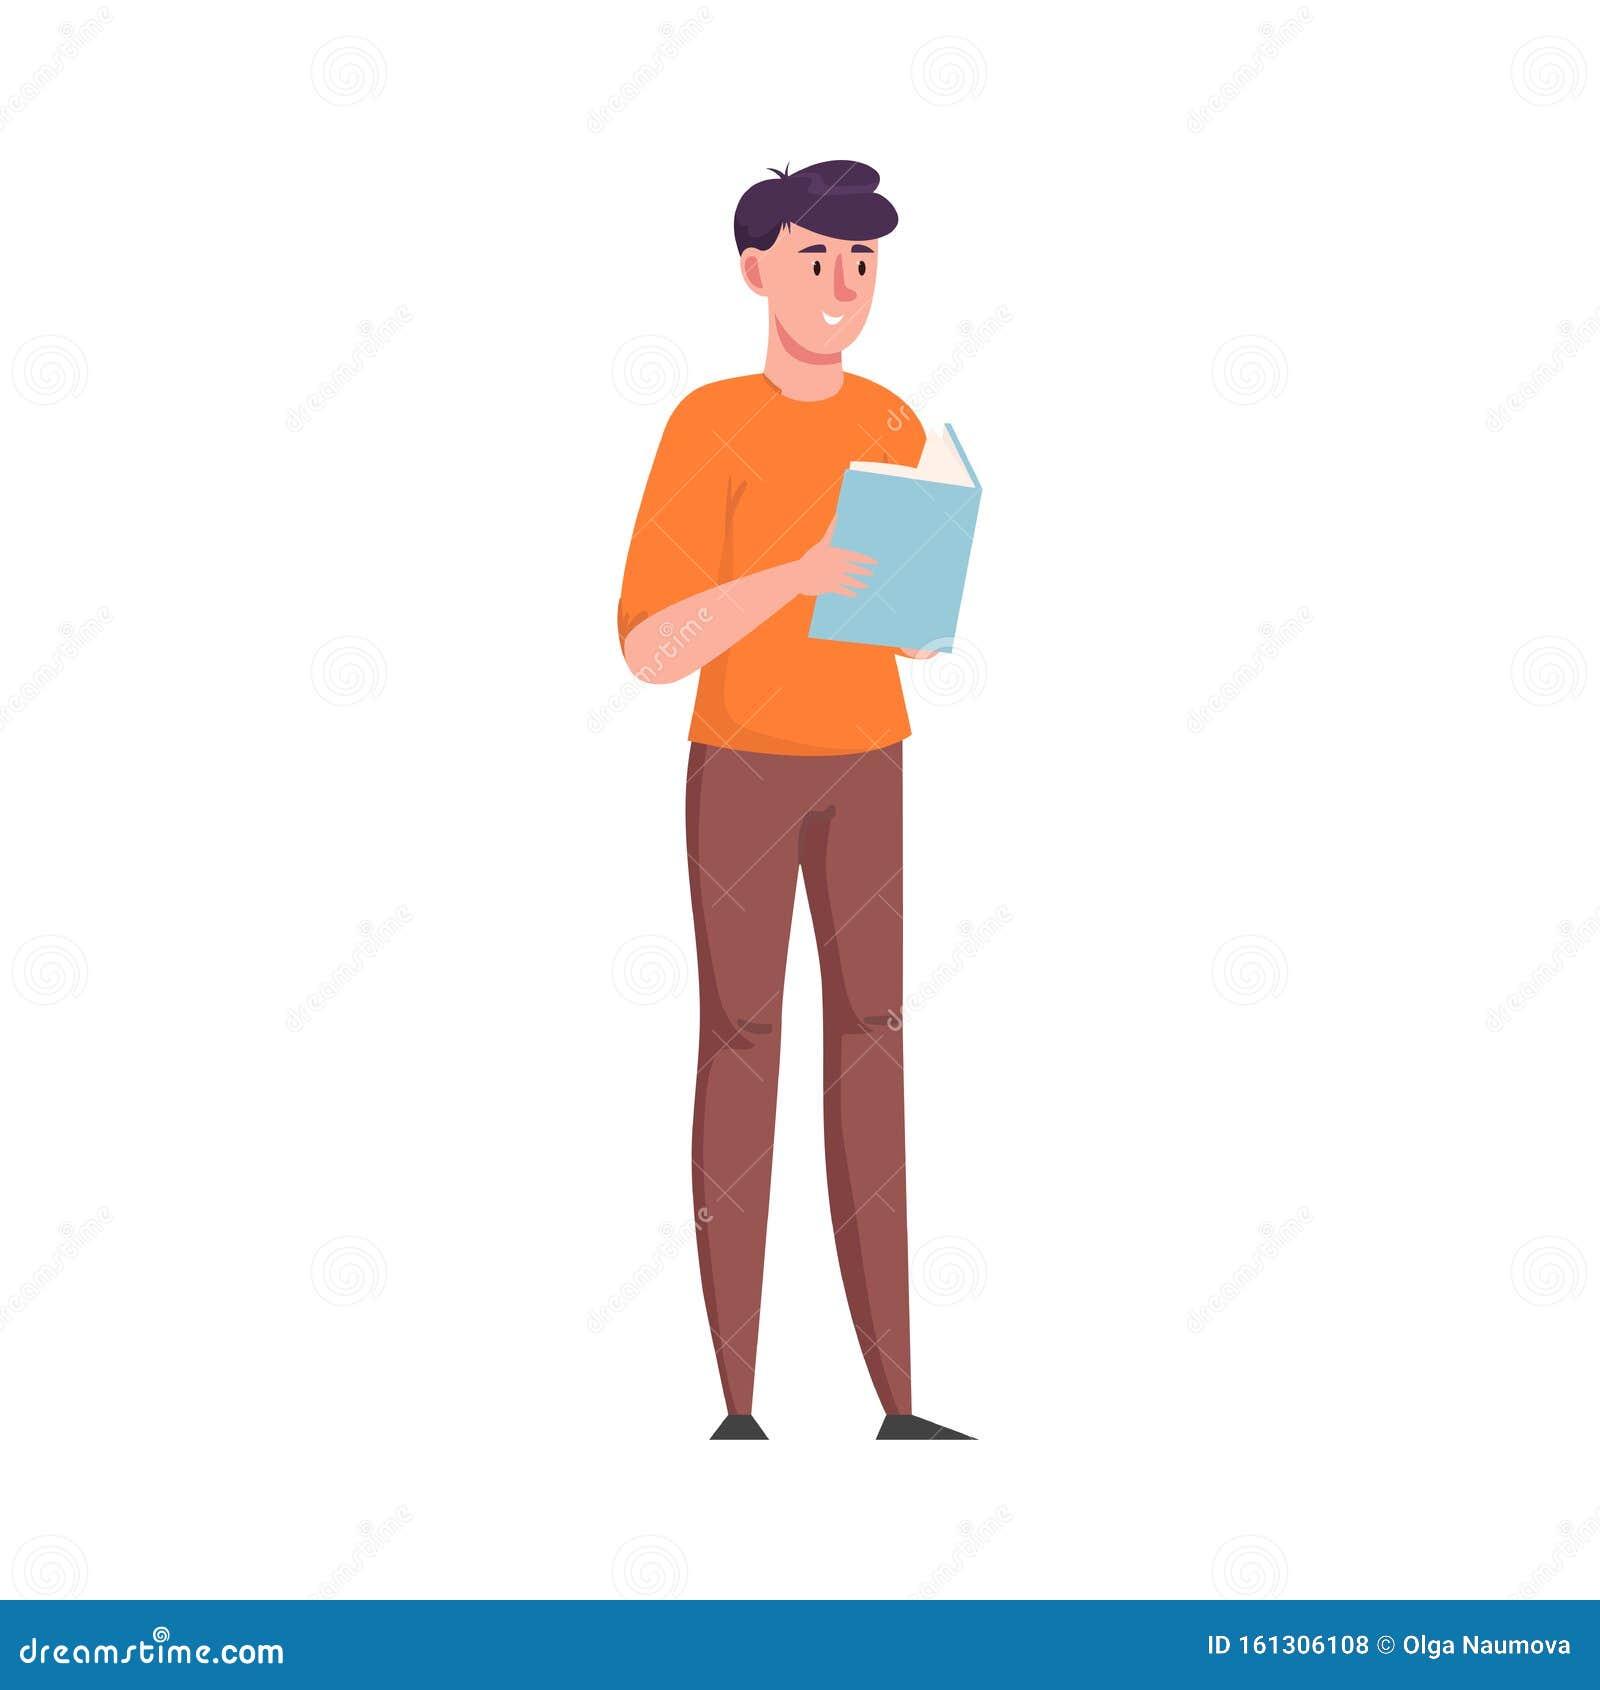 Joven Parado Y Leyendo Un Libro Con La Portada Azul Ilustracion Vectorial En Un Estilo De Caricatura Plano Ilustracion Del Vector Ilustracion De Libro Joven 161306108